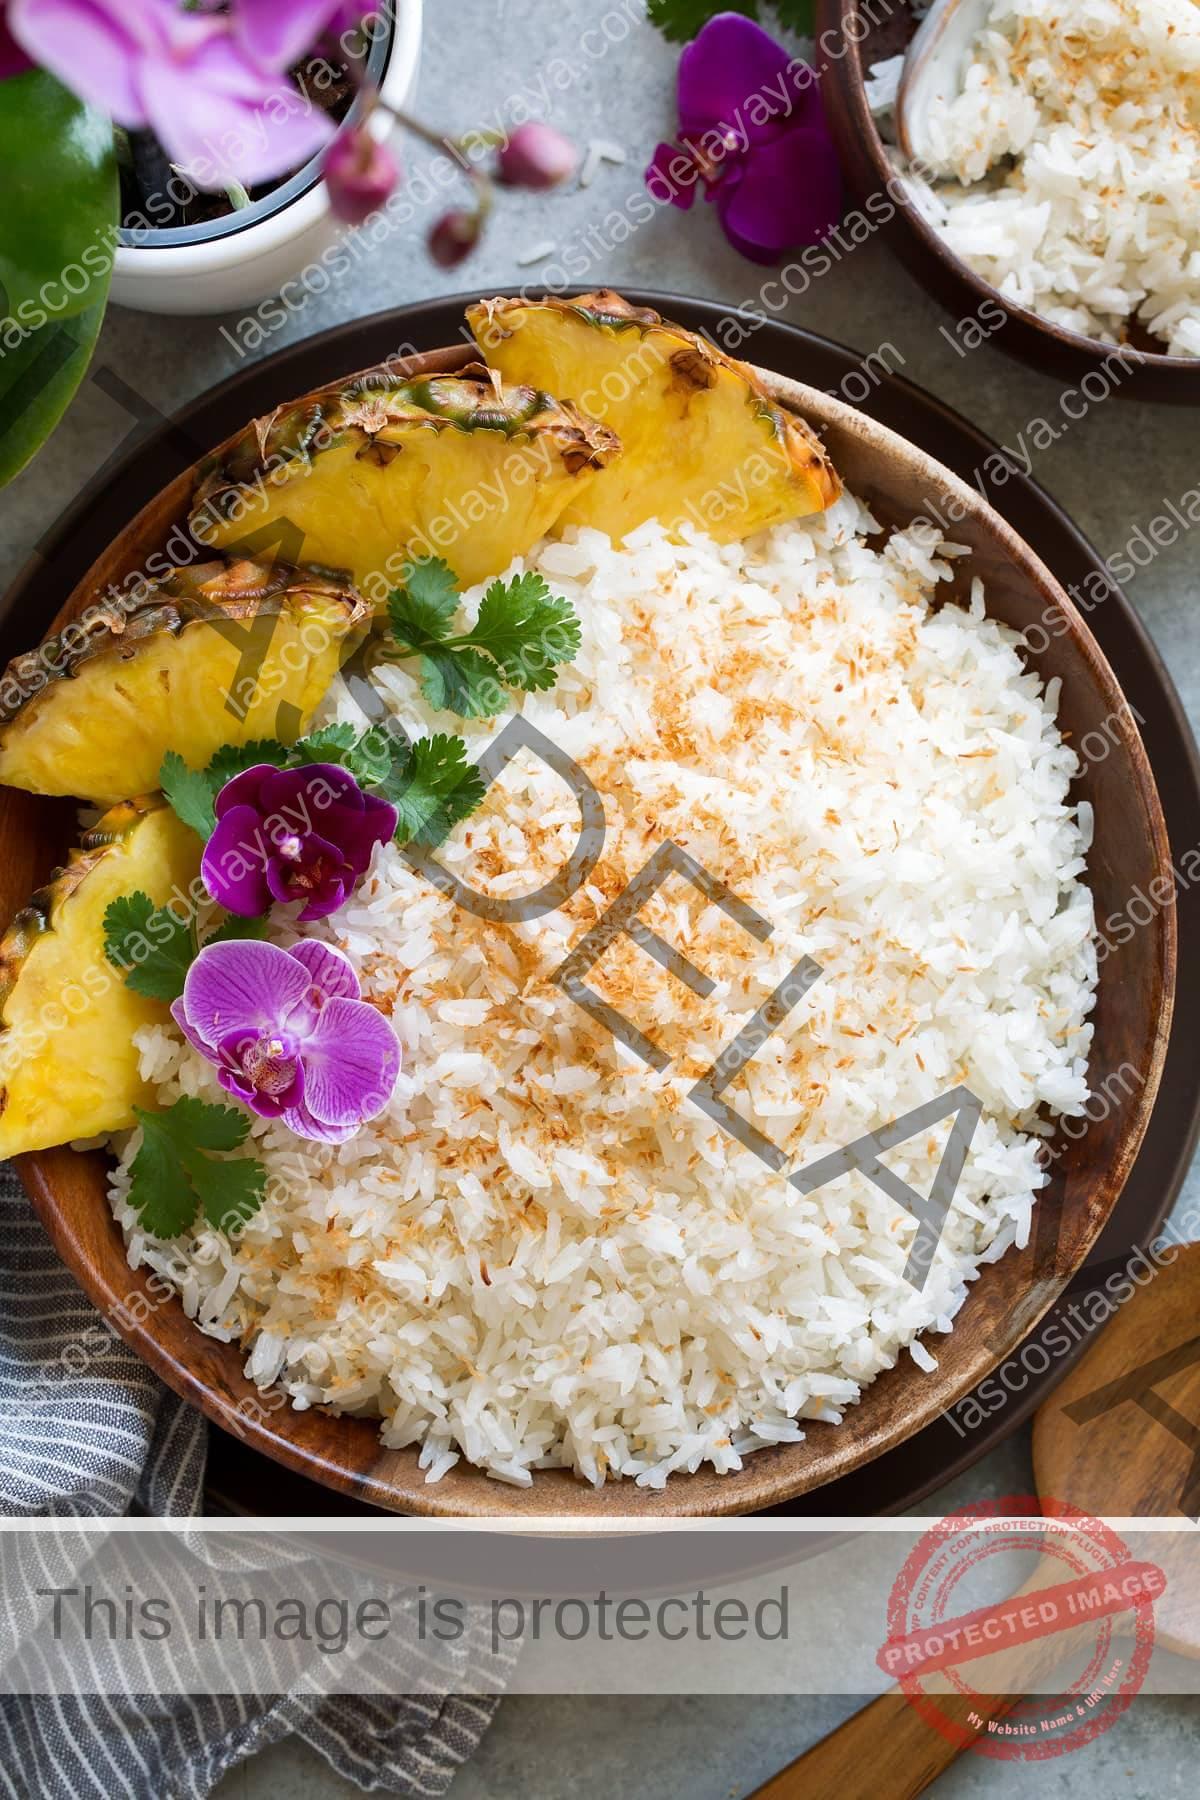 Cuenco de madera relleno de arroz de coco cubierto de flores, cilantro y una guarnición de piña fresca.